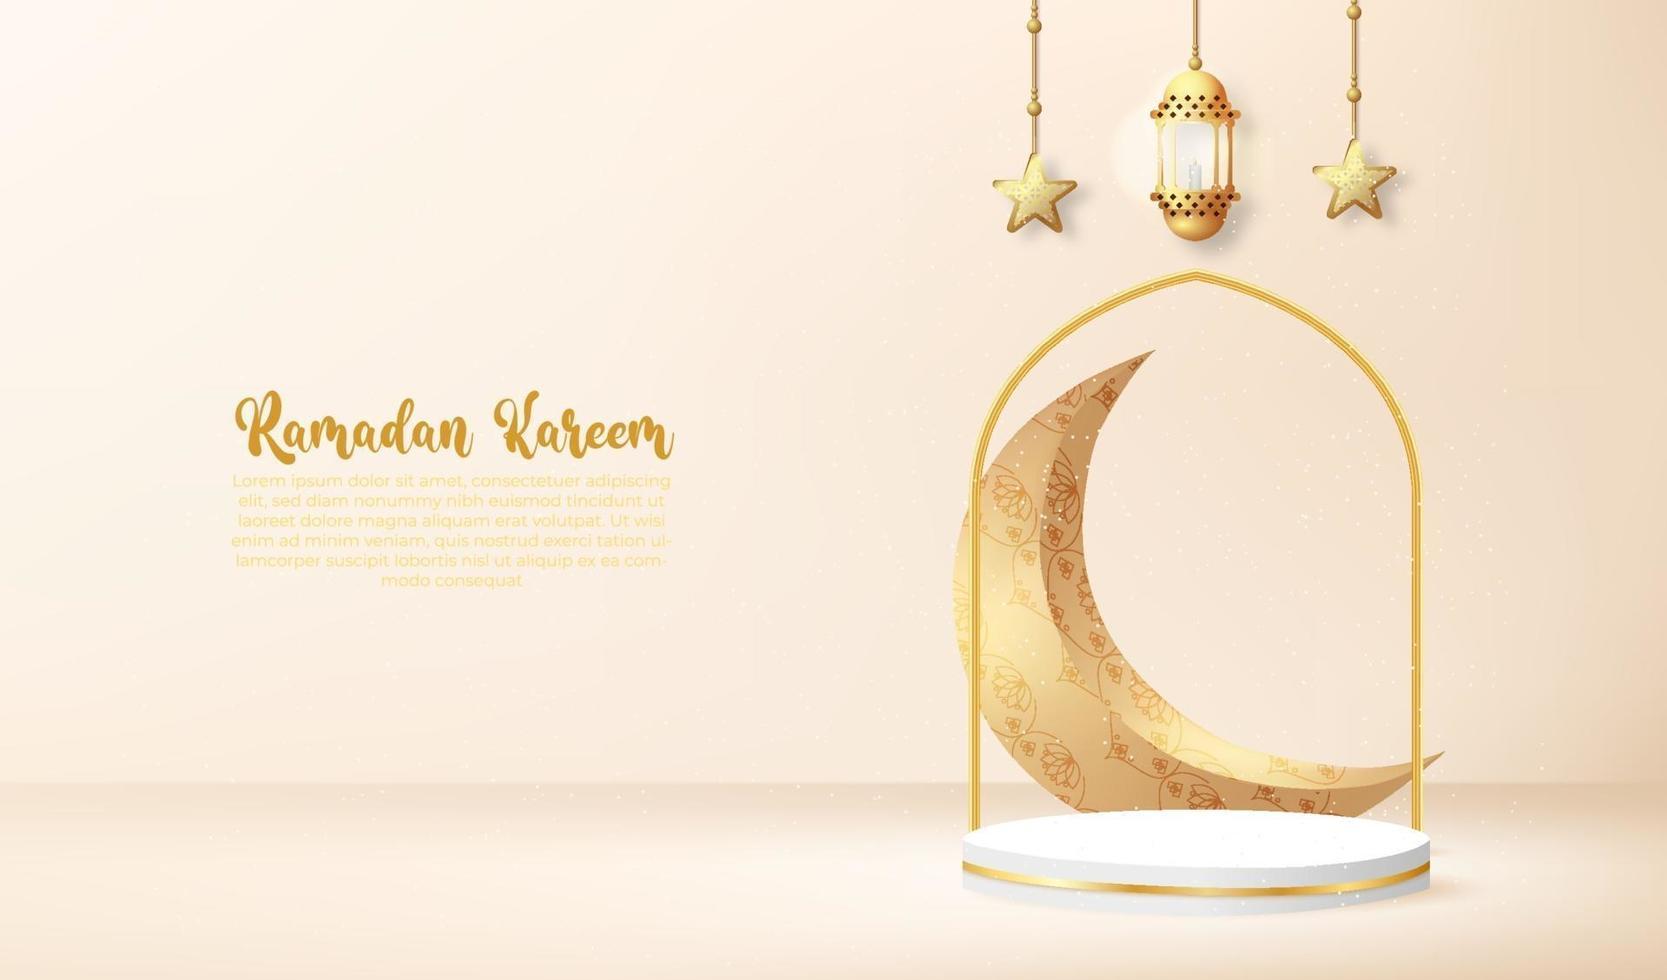 Fundo 3D Ramadan Kareem com lâmpada dourada e pódio. vetor